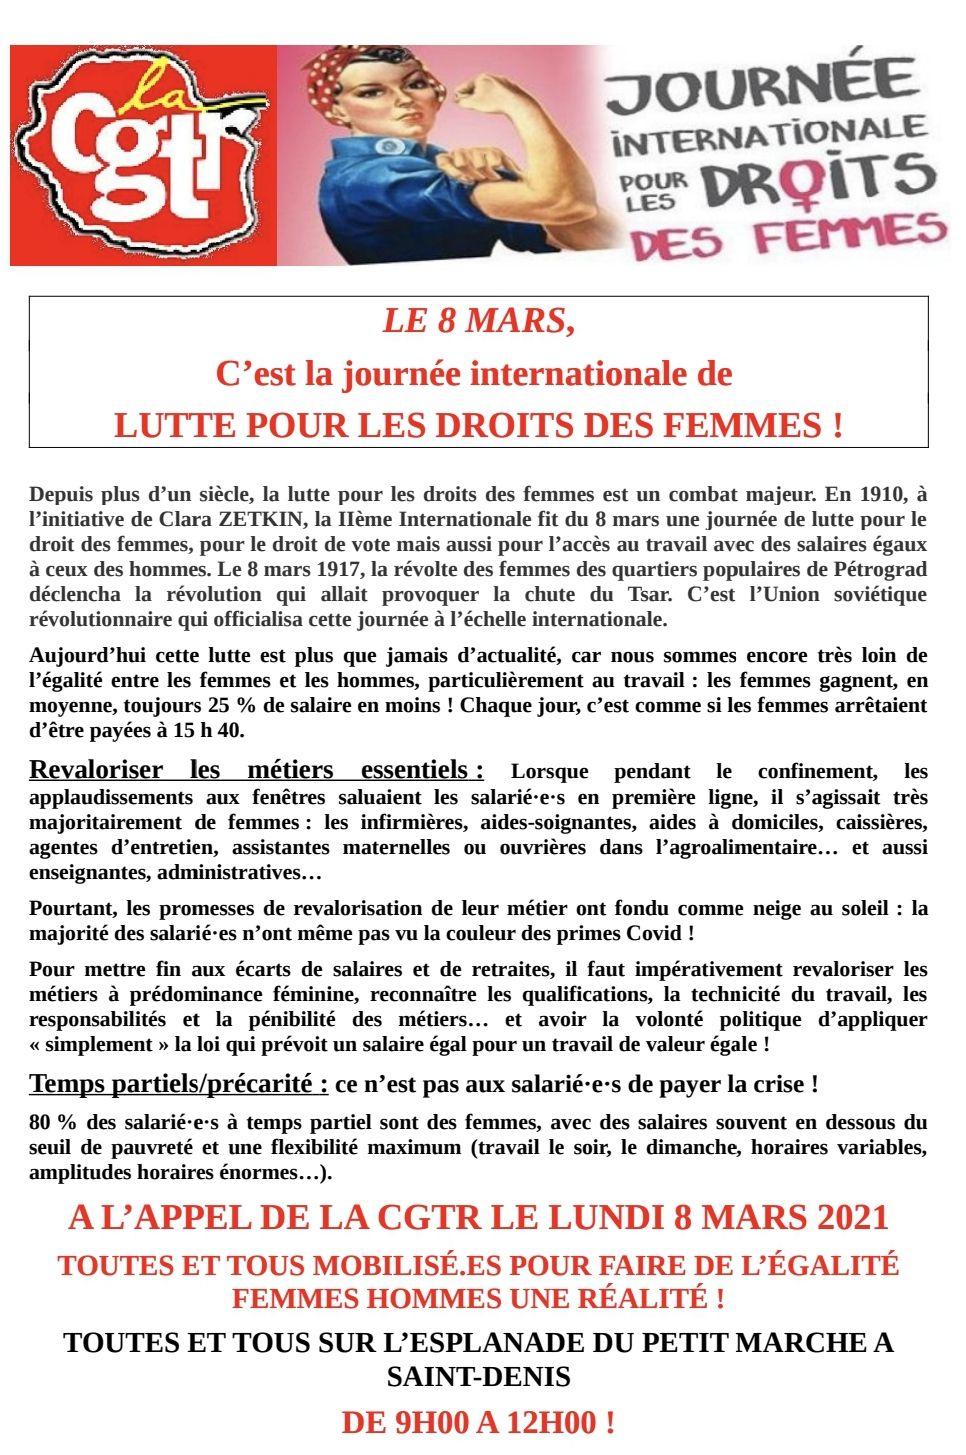 Mobilisation du 8 mars